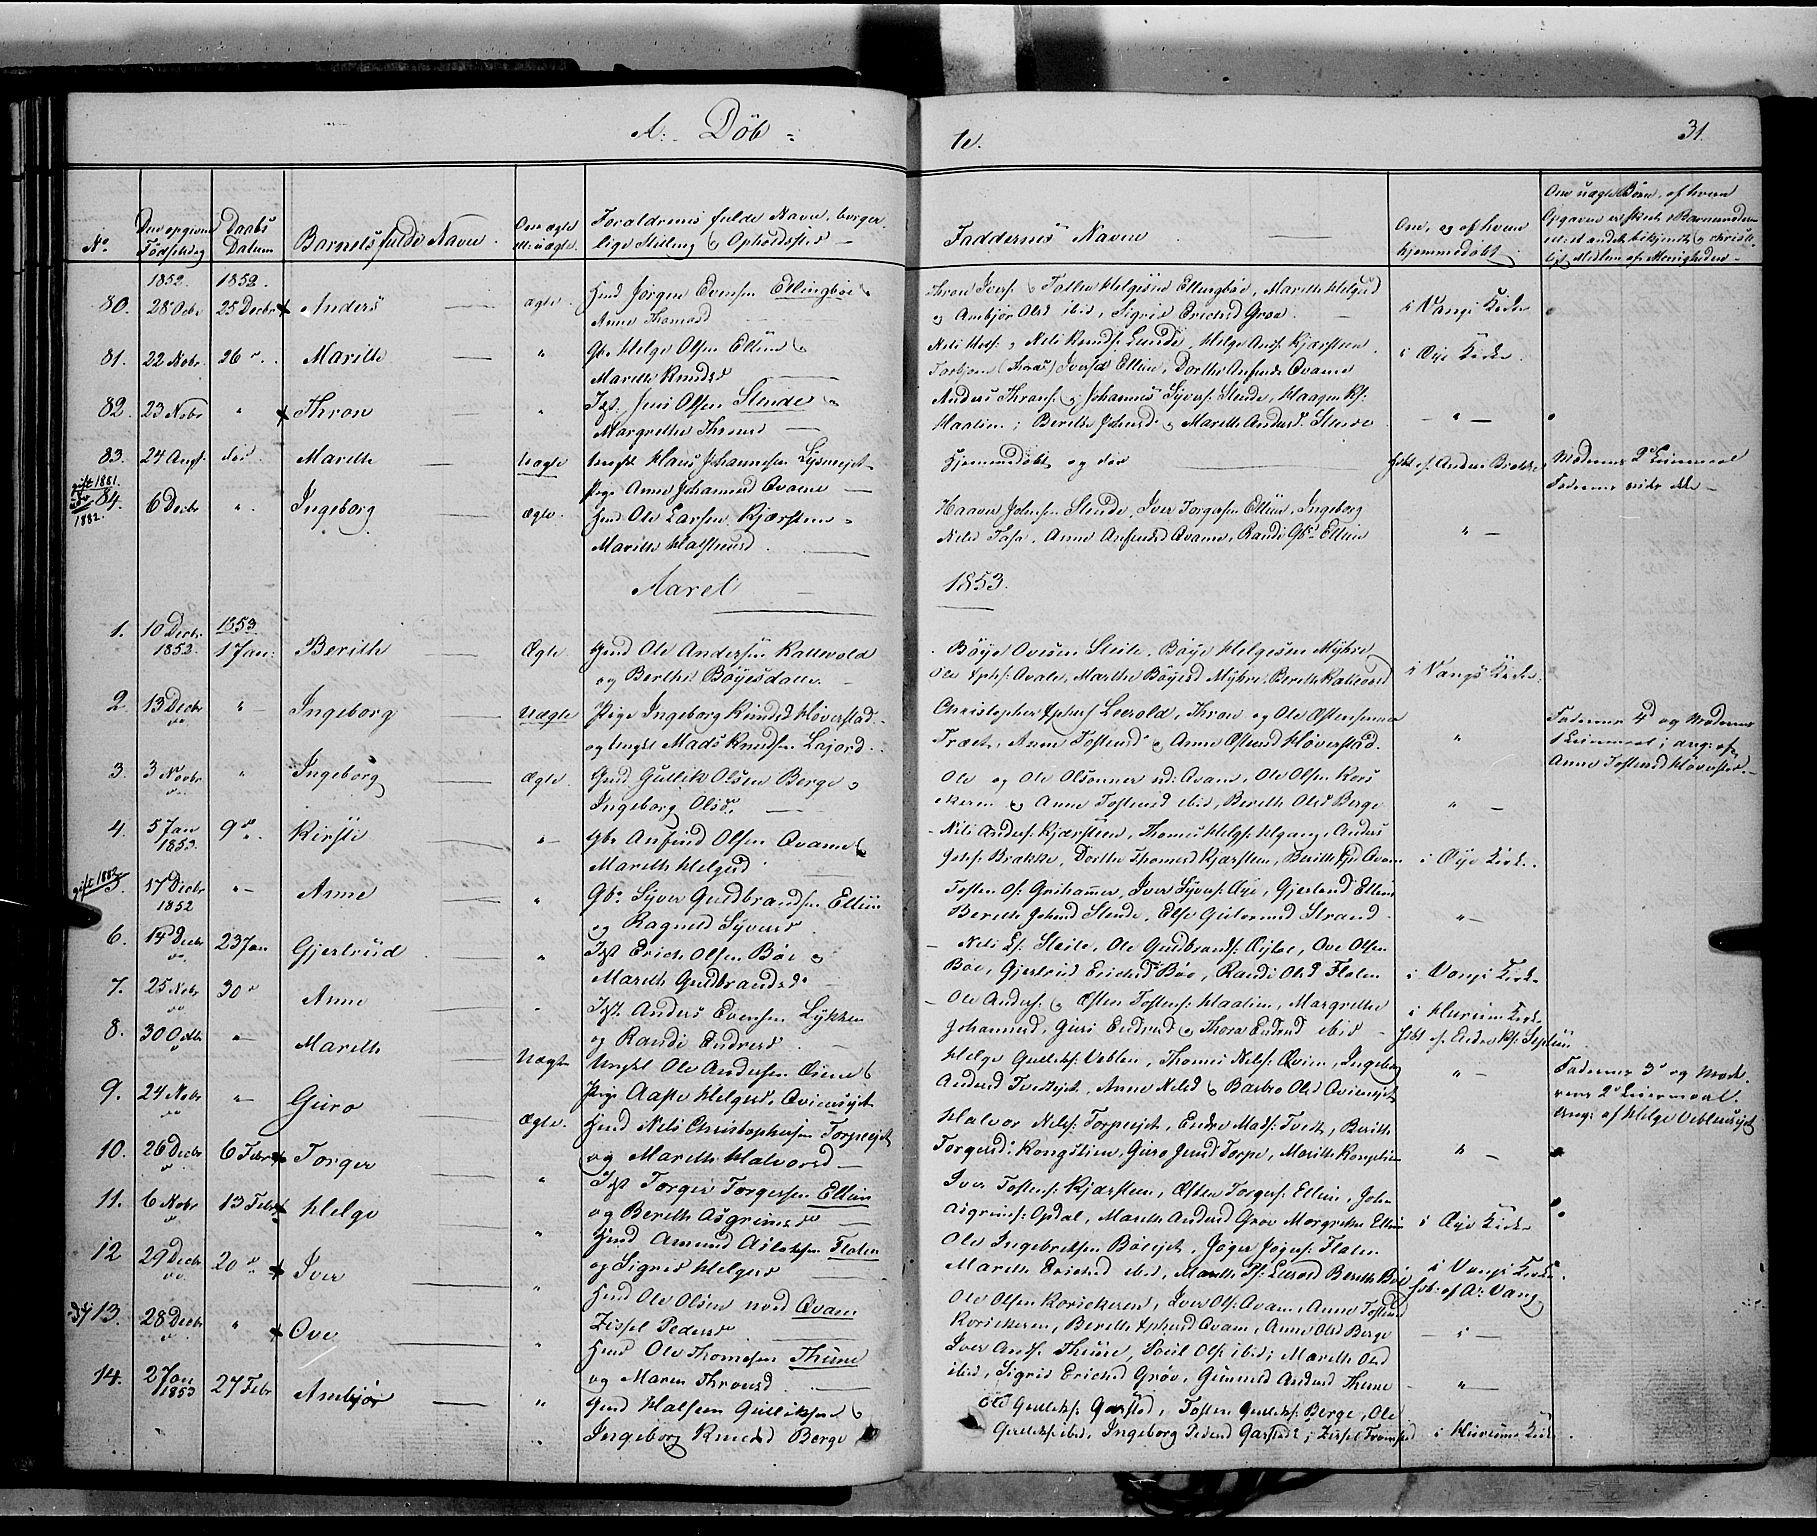 SAH, Vang prestekontor, Valdres, Ministerialbok nr. 6, 1846-1864, s. 31